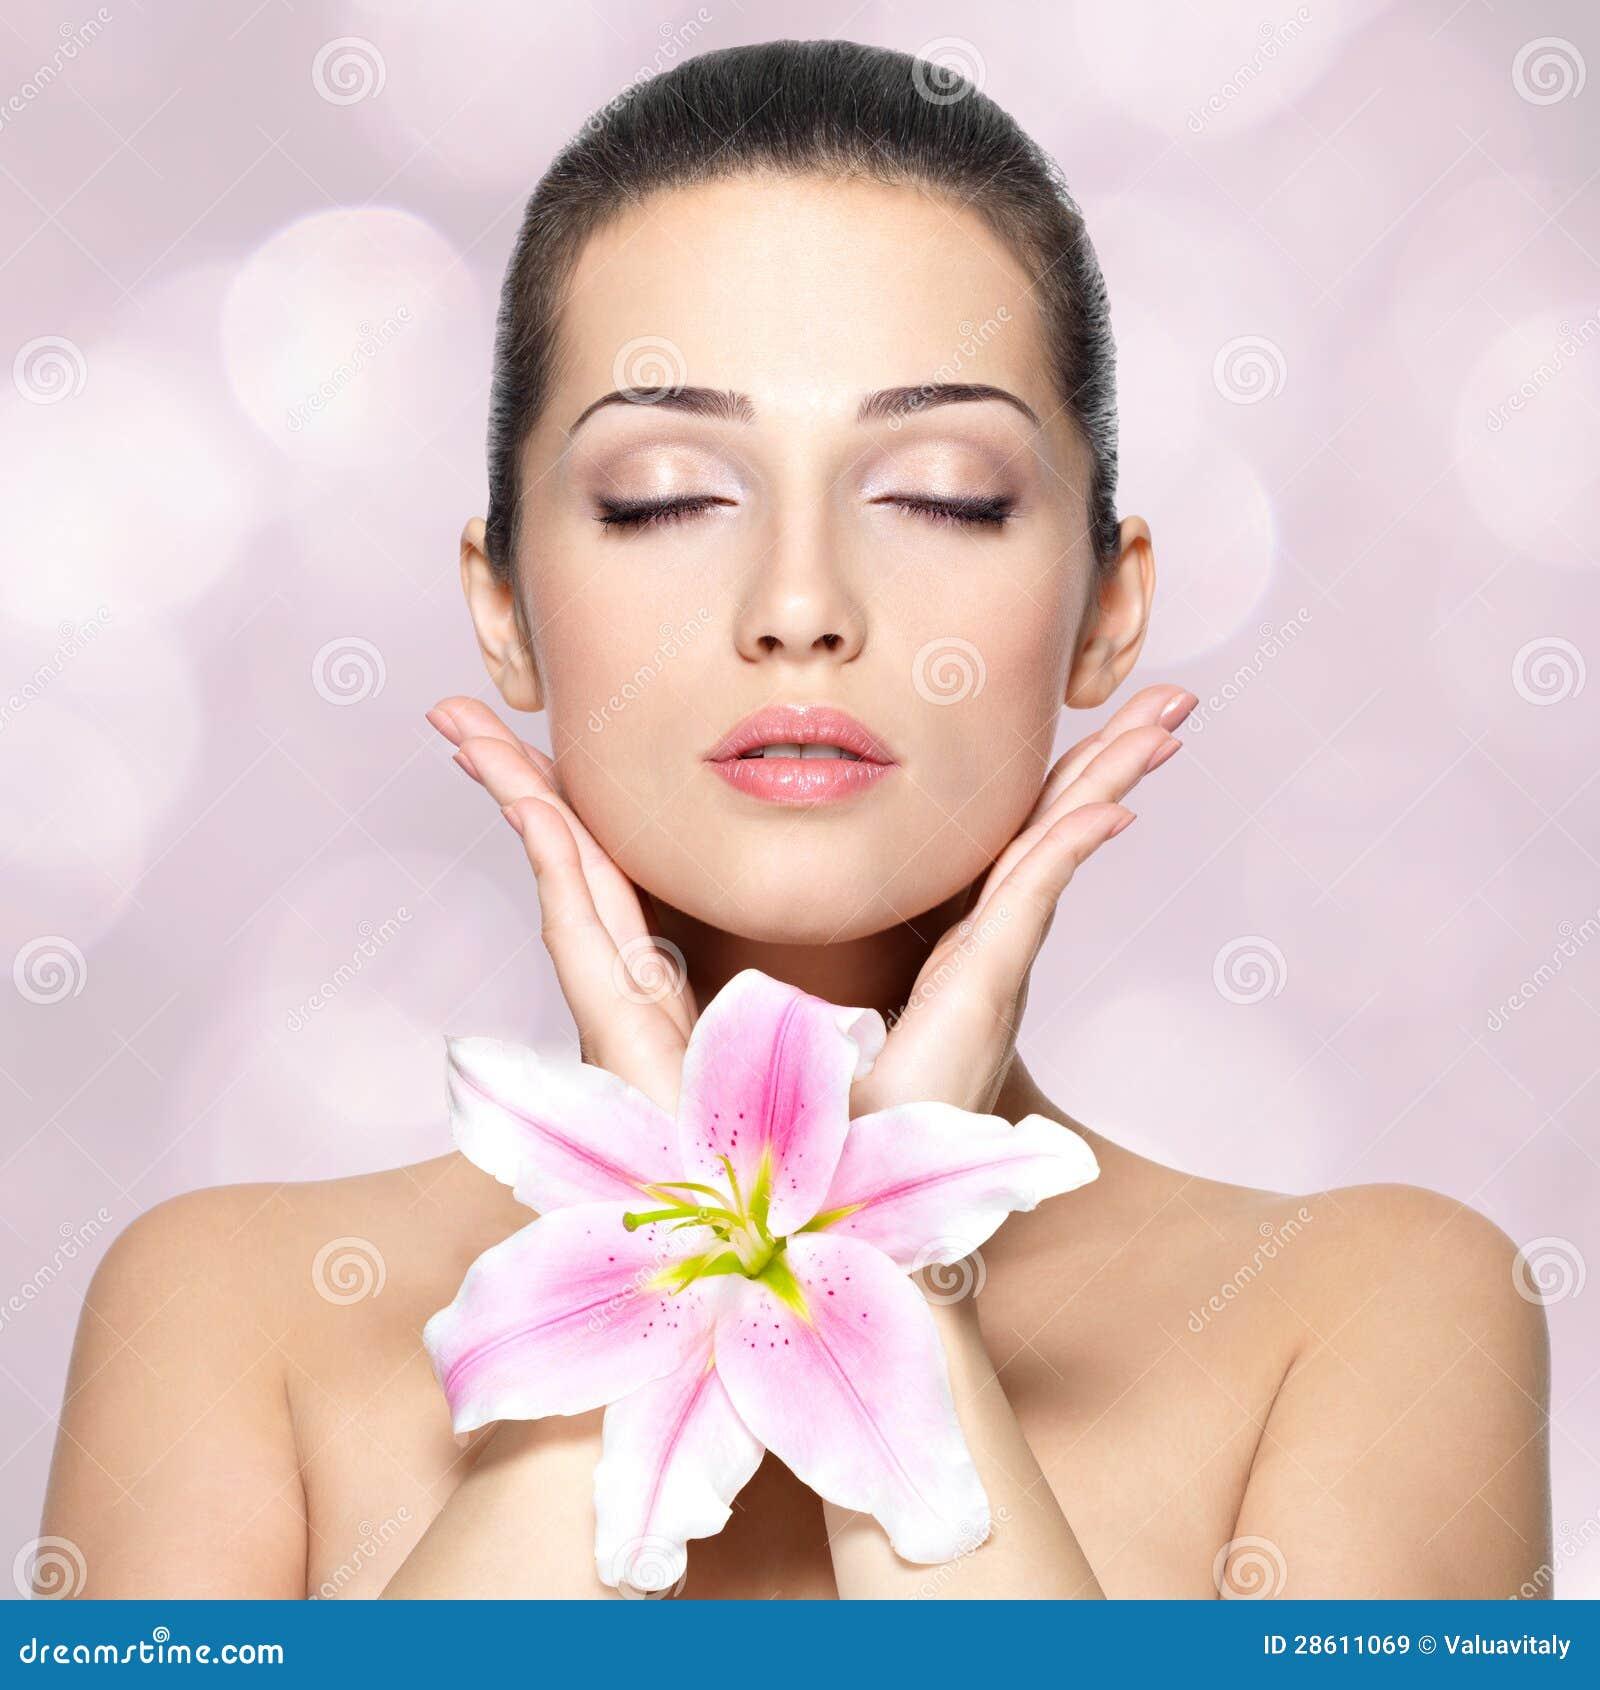 Het gezicht van de schoonheid van mooie vrouw met bloem. De behandeling van de schoonheid concep